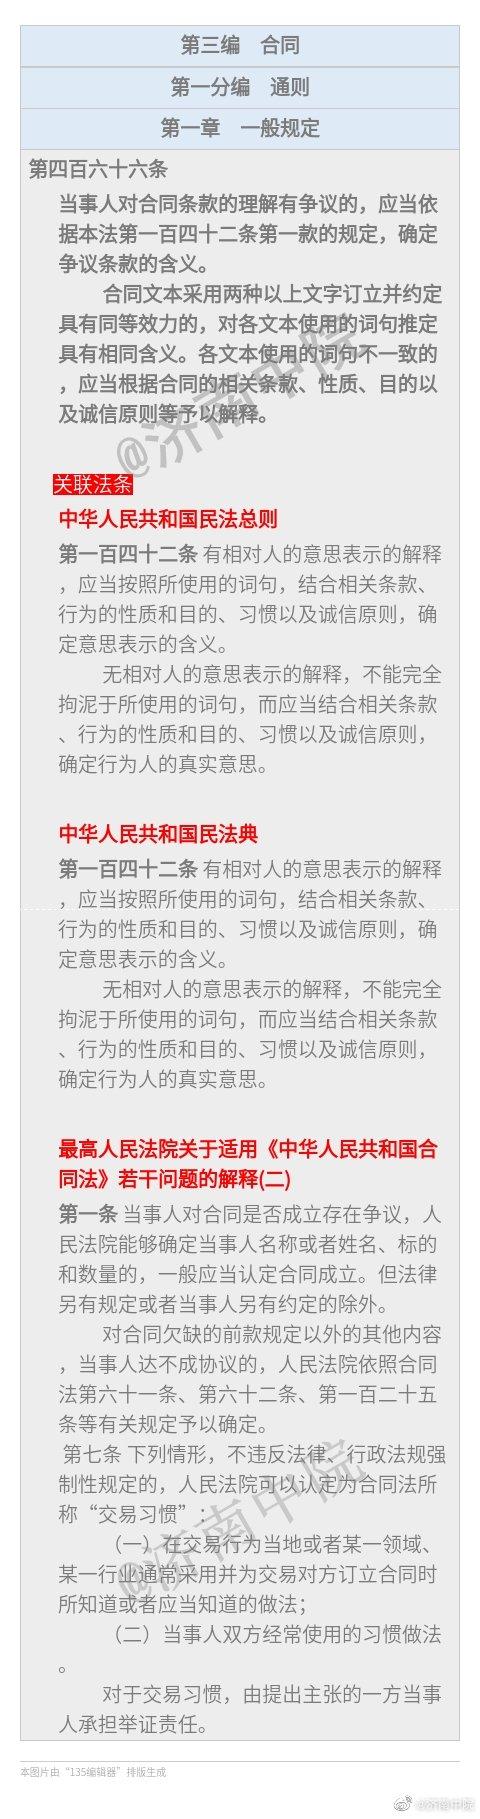 民法典核心条文相关法条一览表之三:合同编(上)